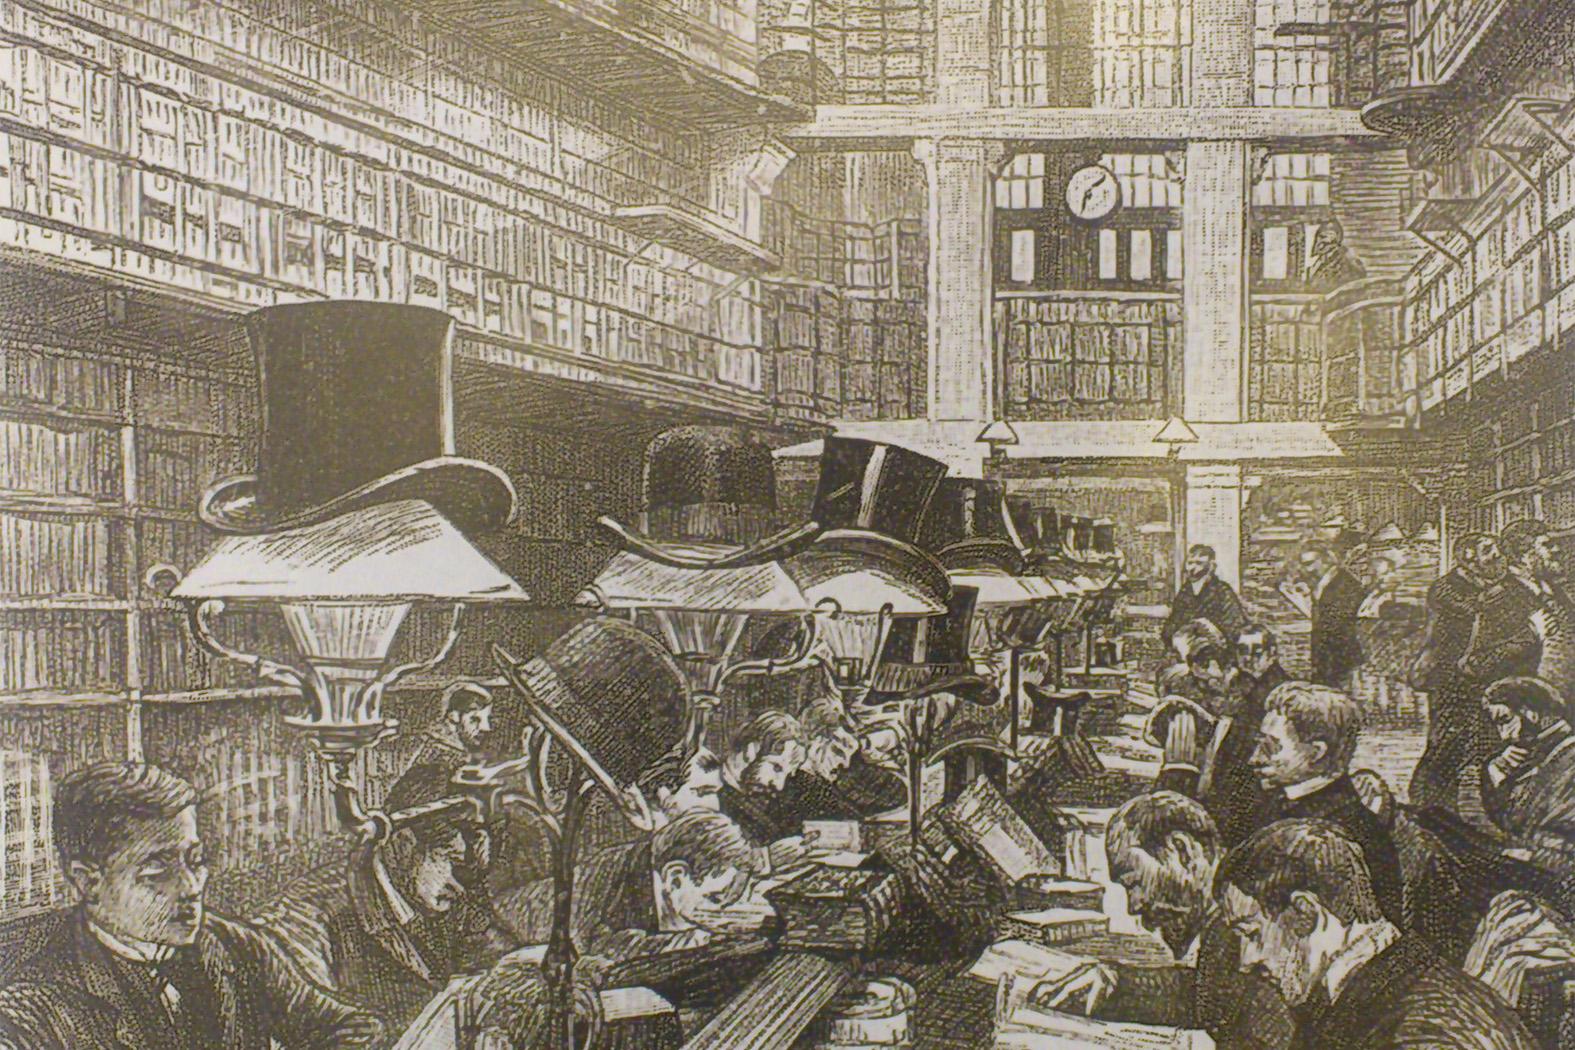 Paul Viollet bibliothécaire: entre réussites et pré carré